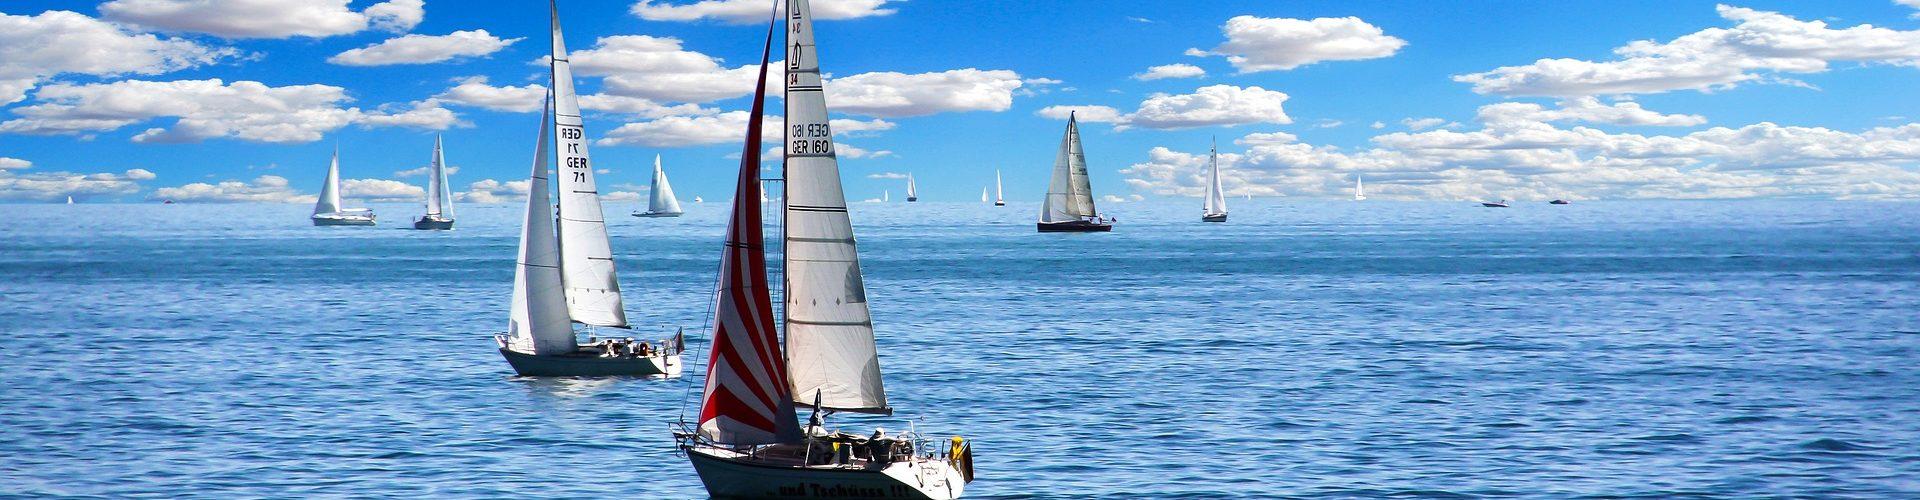 segeln lernen in Bottrop segelschein machen in Bottrop 1920x500 - Segeln lernen in Bottrop